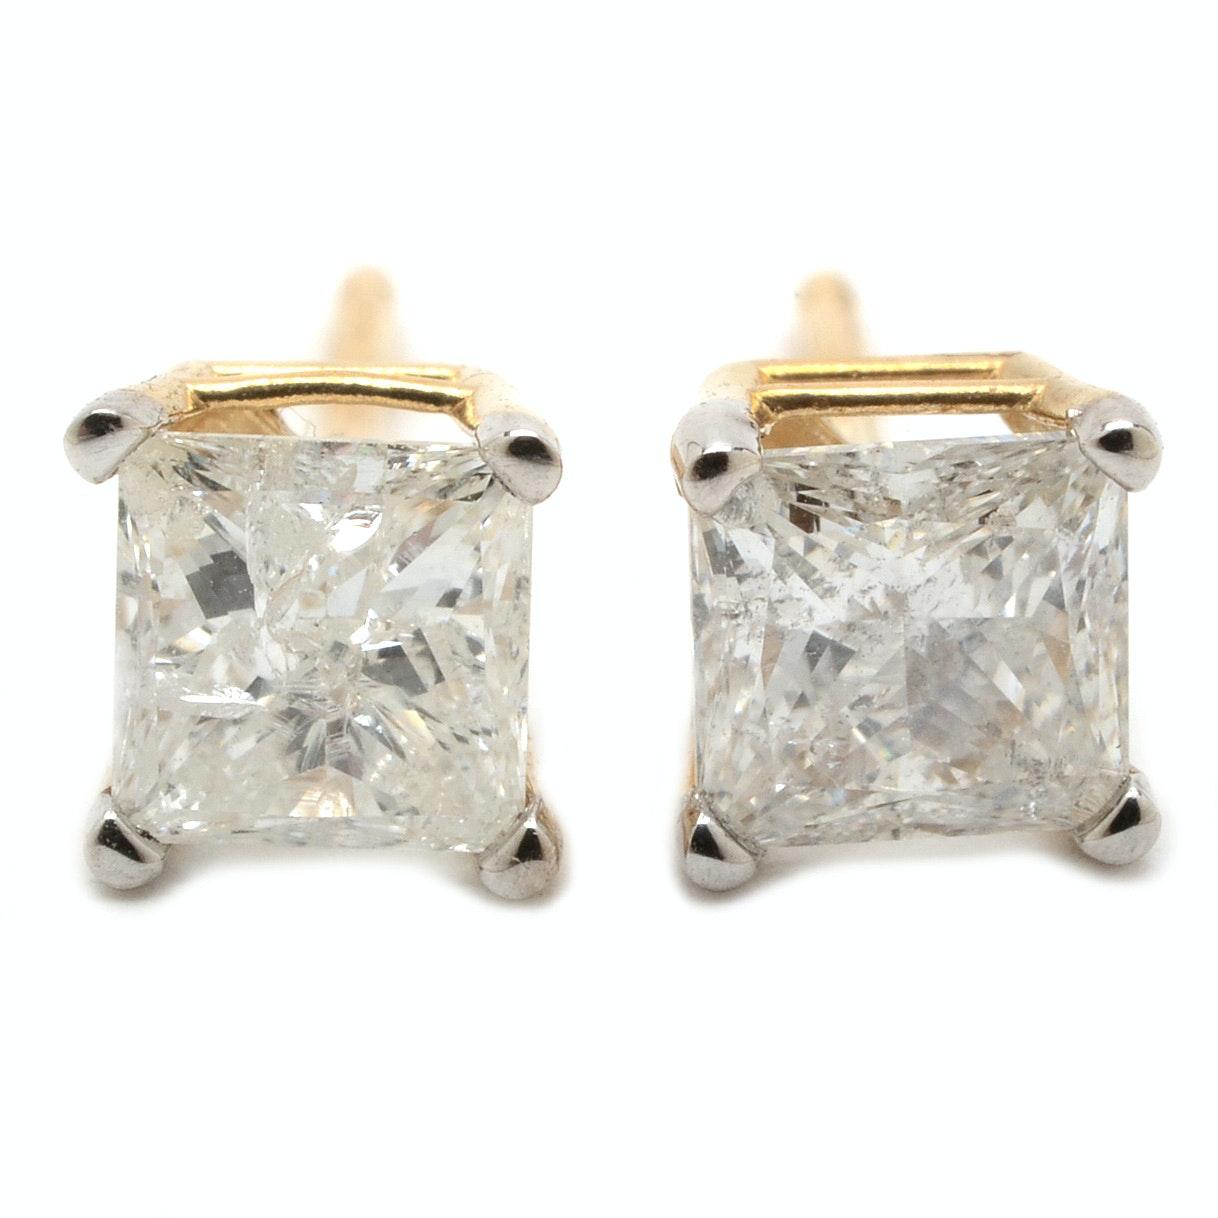 Pair of 14K Yellow Gold 1.05 CTW Princess-Cut Diamond Stud Earrings